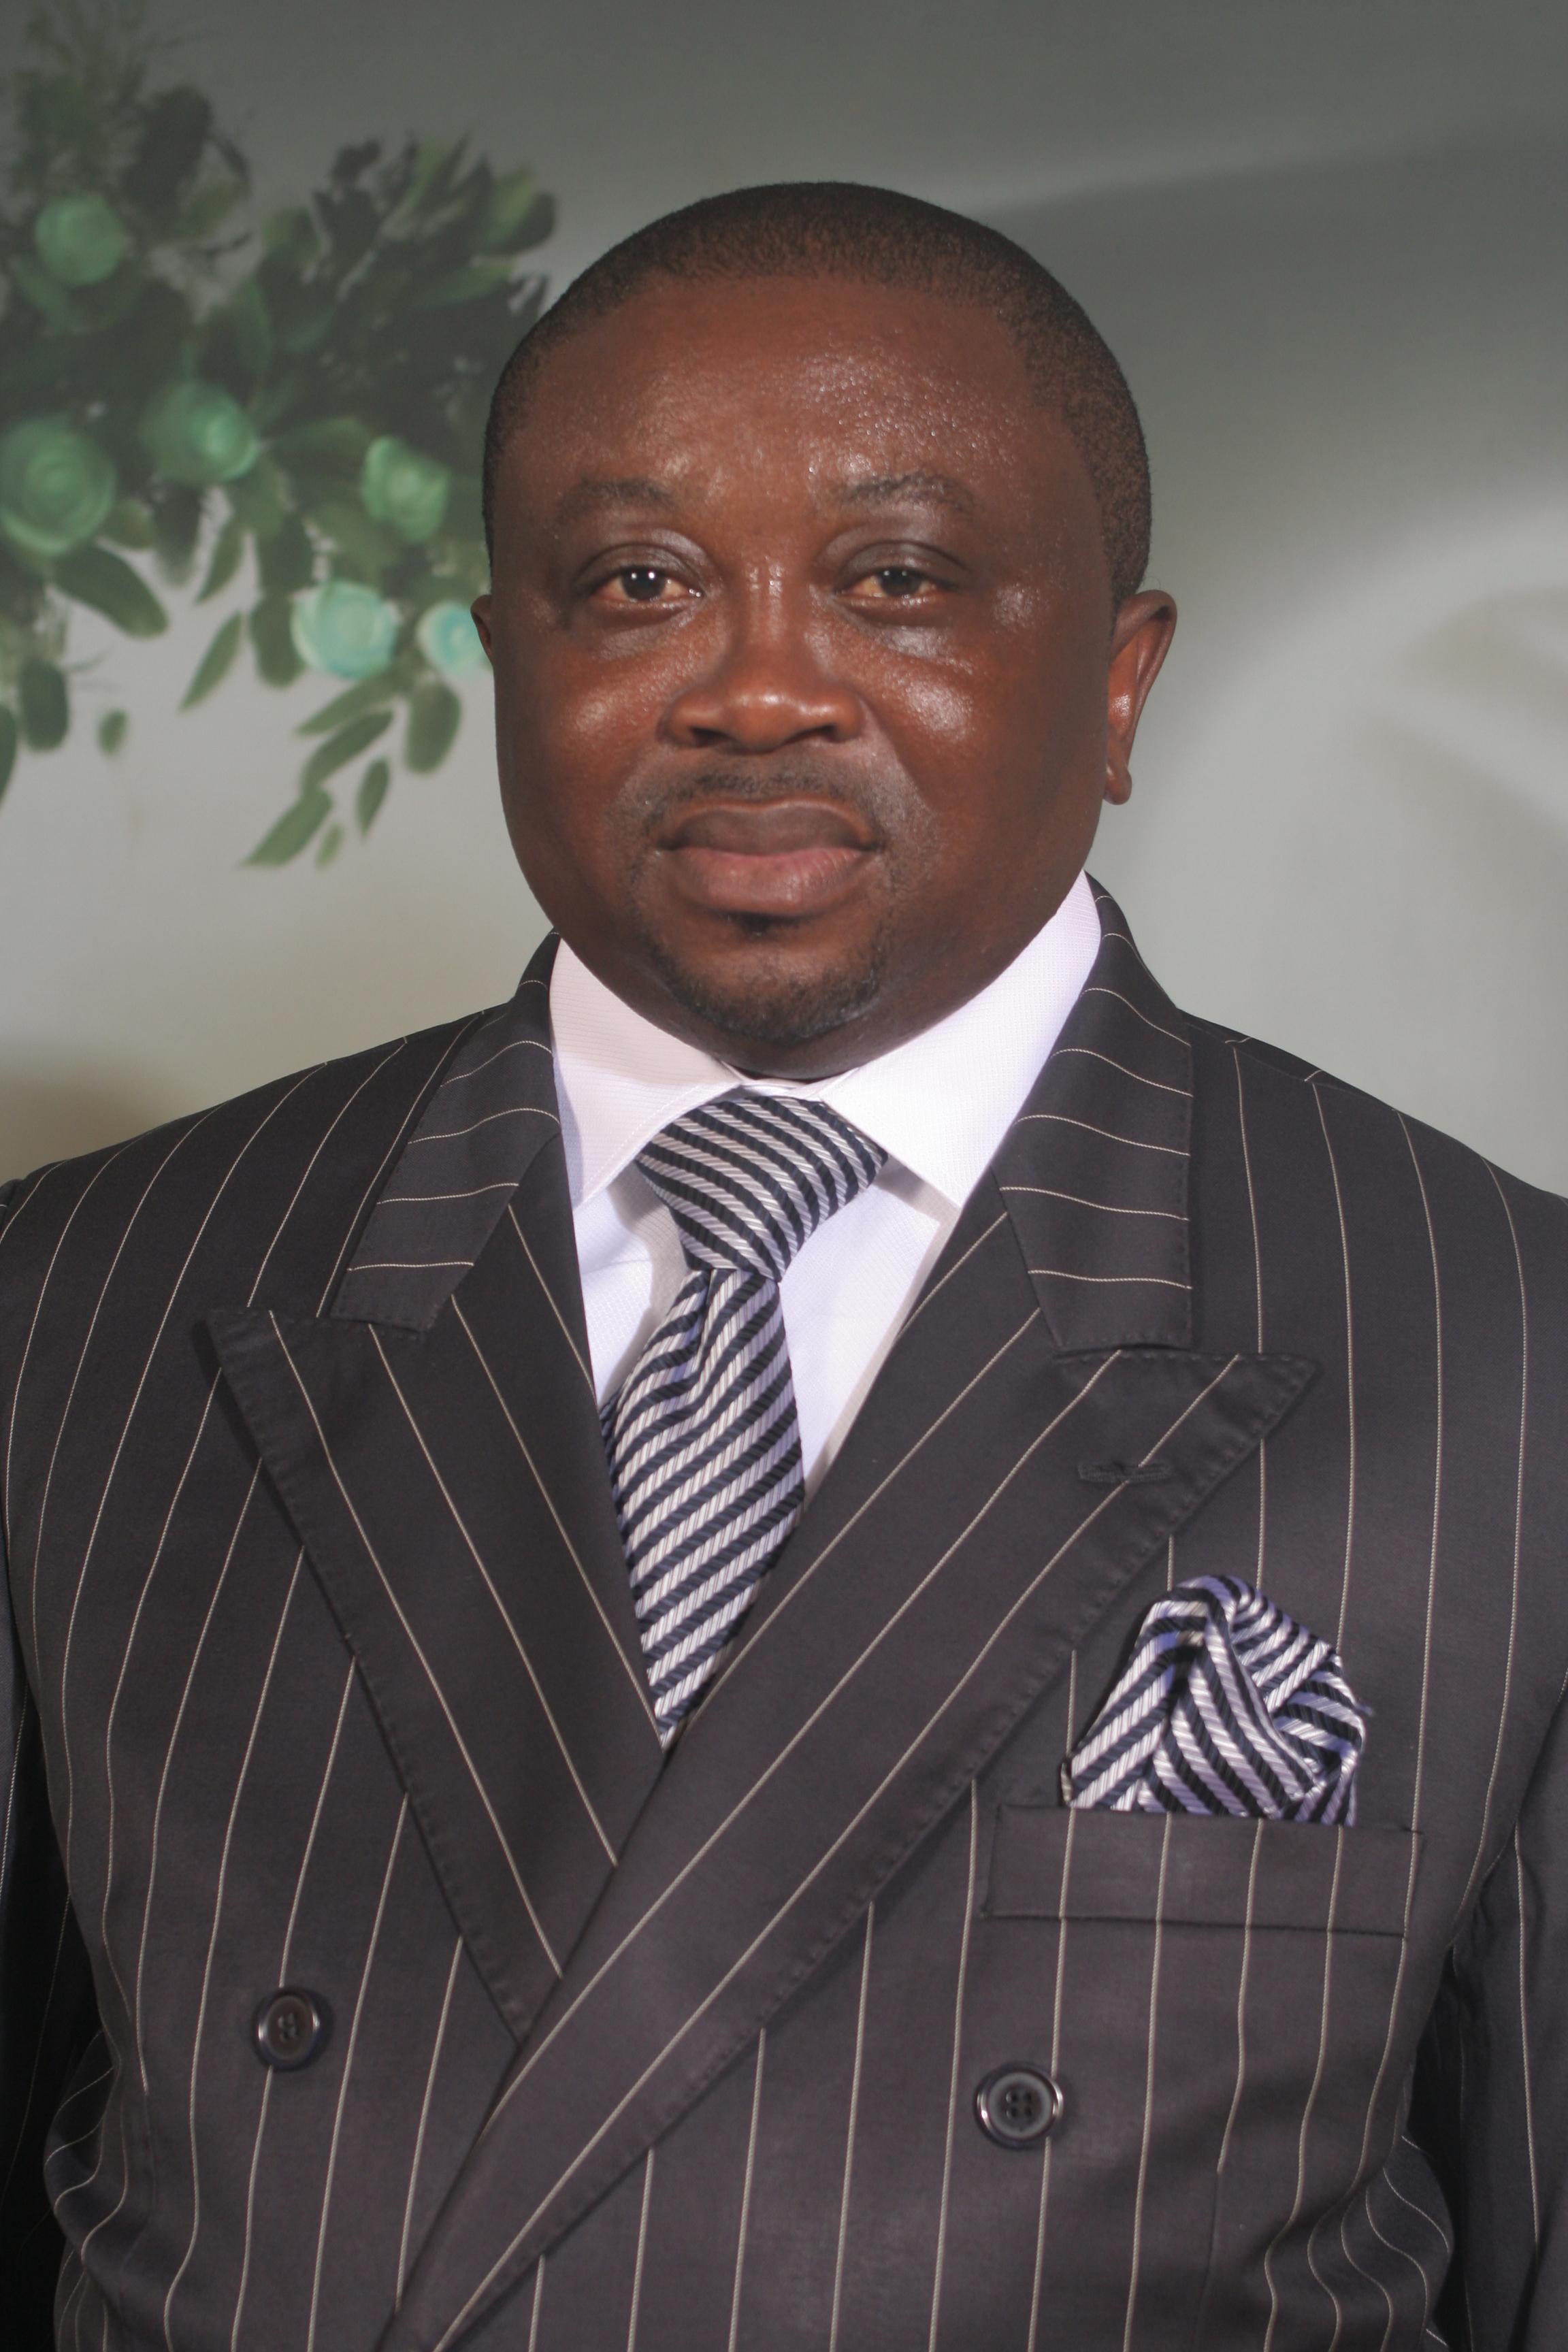 Centrafrique : Sécurité, Etat de droit ; mise en place d'une nouvelle armée et réconciliation nationale.